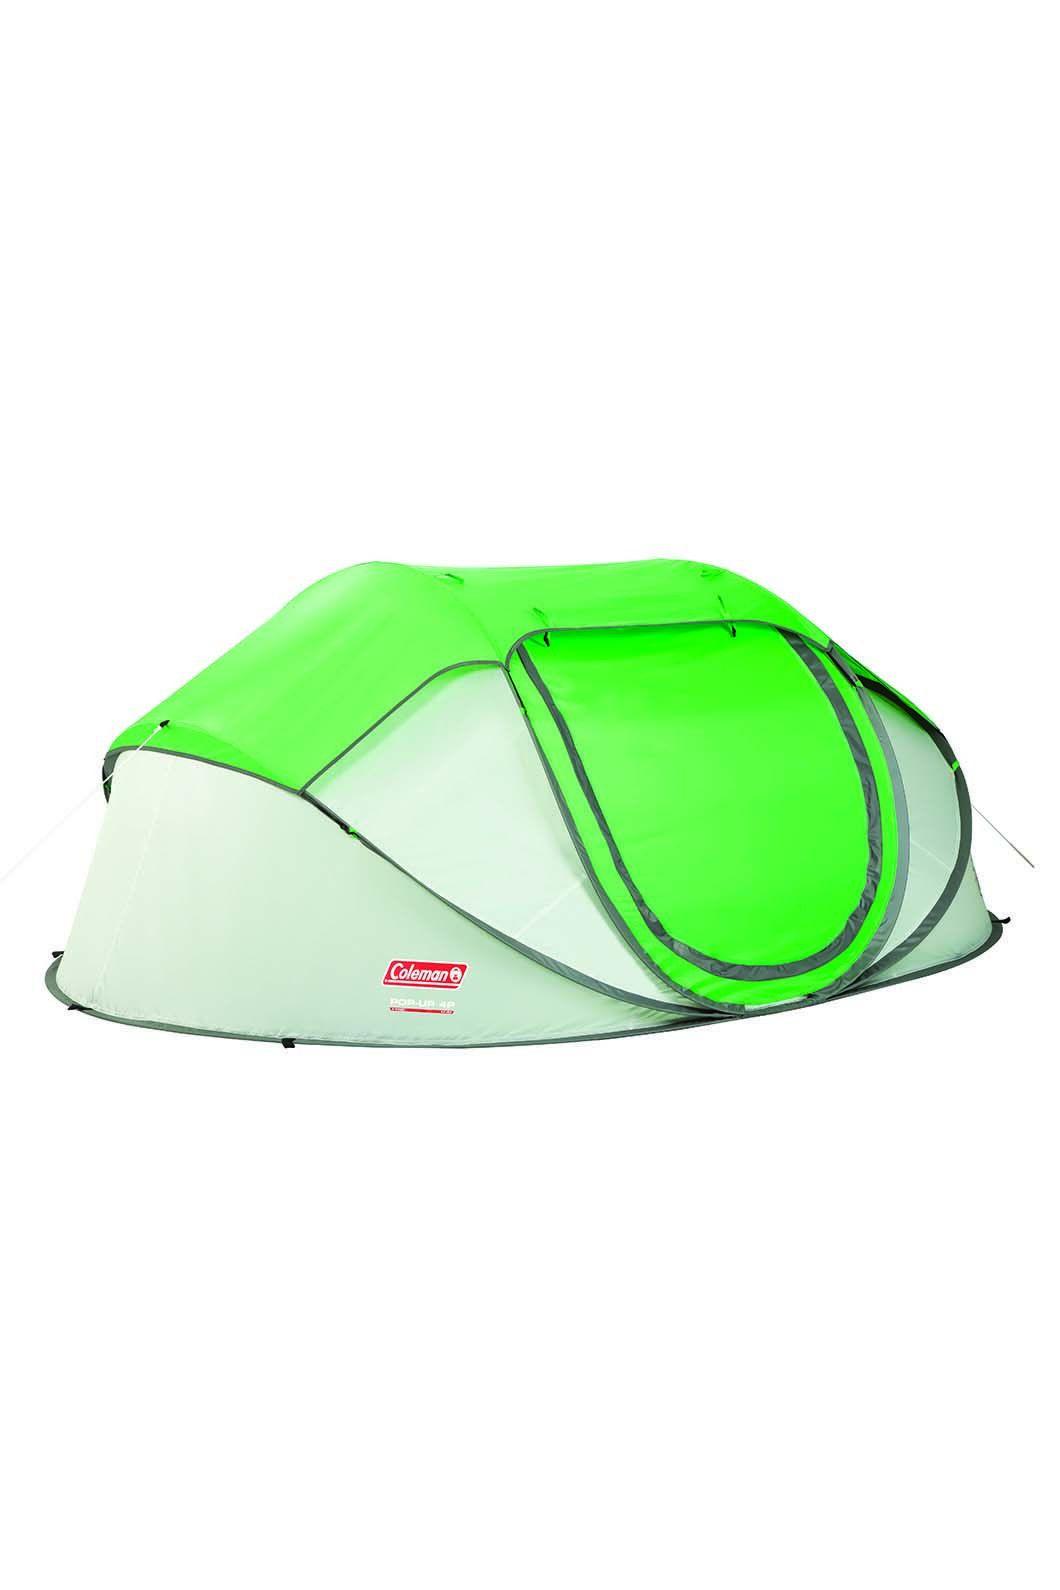 Coleman Pop Up 4 Person Instant Tent None hi-res  sc 1 st  Macpac & Coleman Pop Up 4 Person Instant Tent